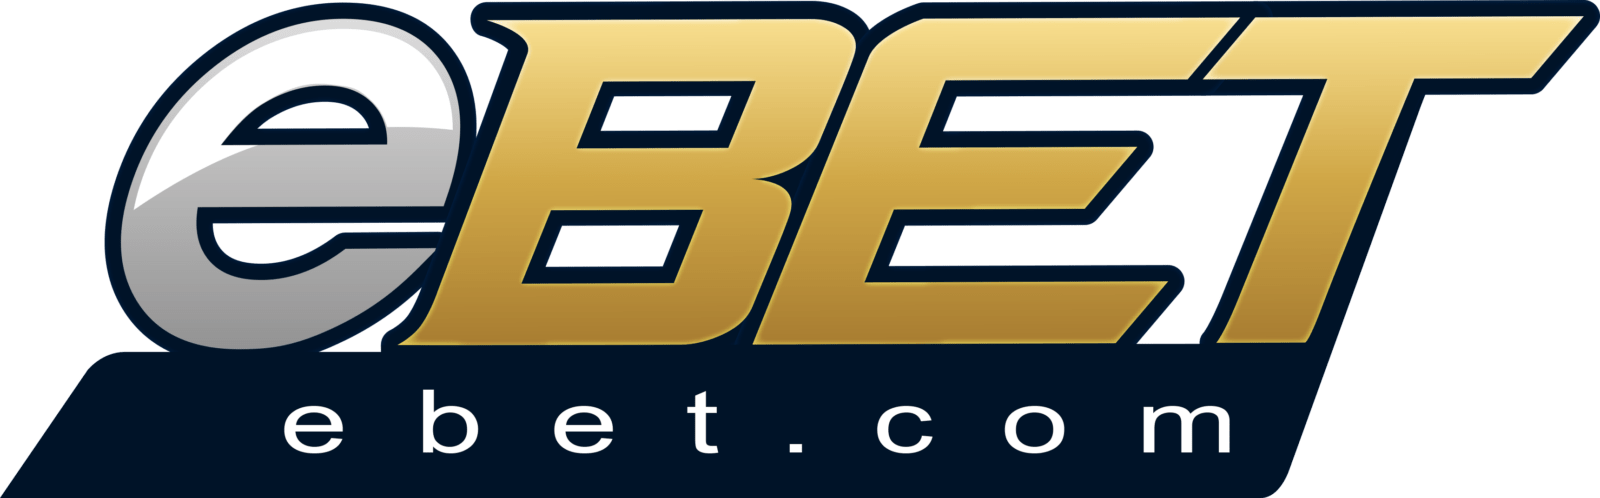 ebet_logo